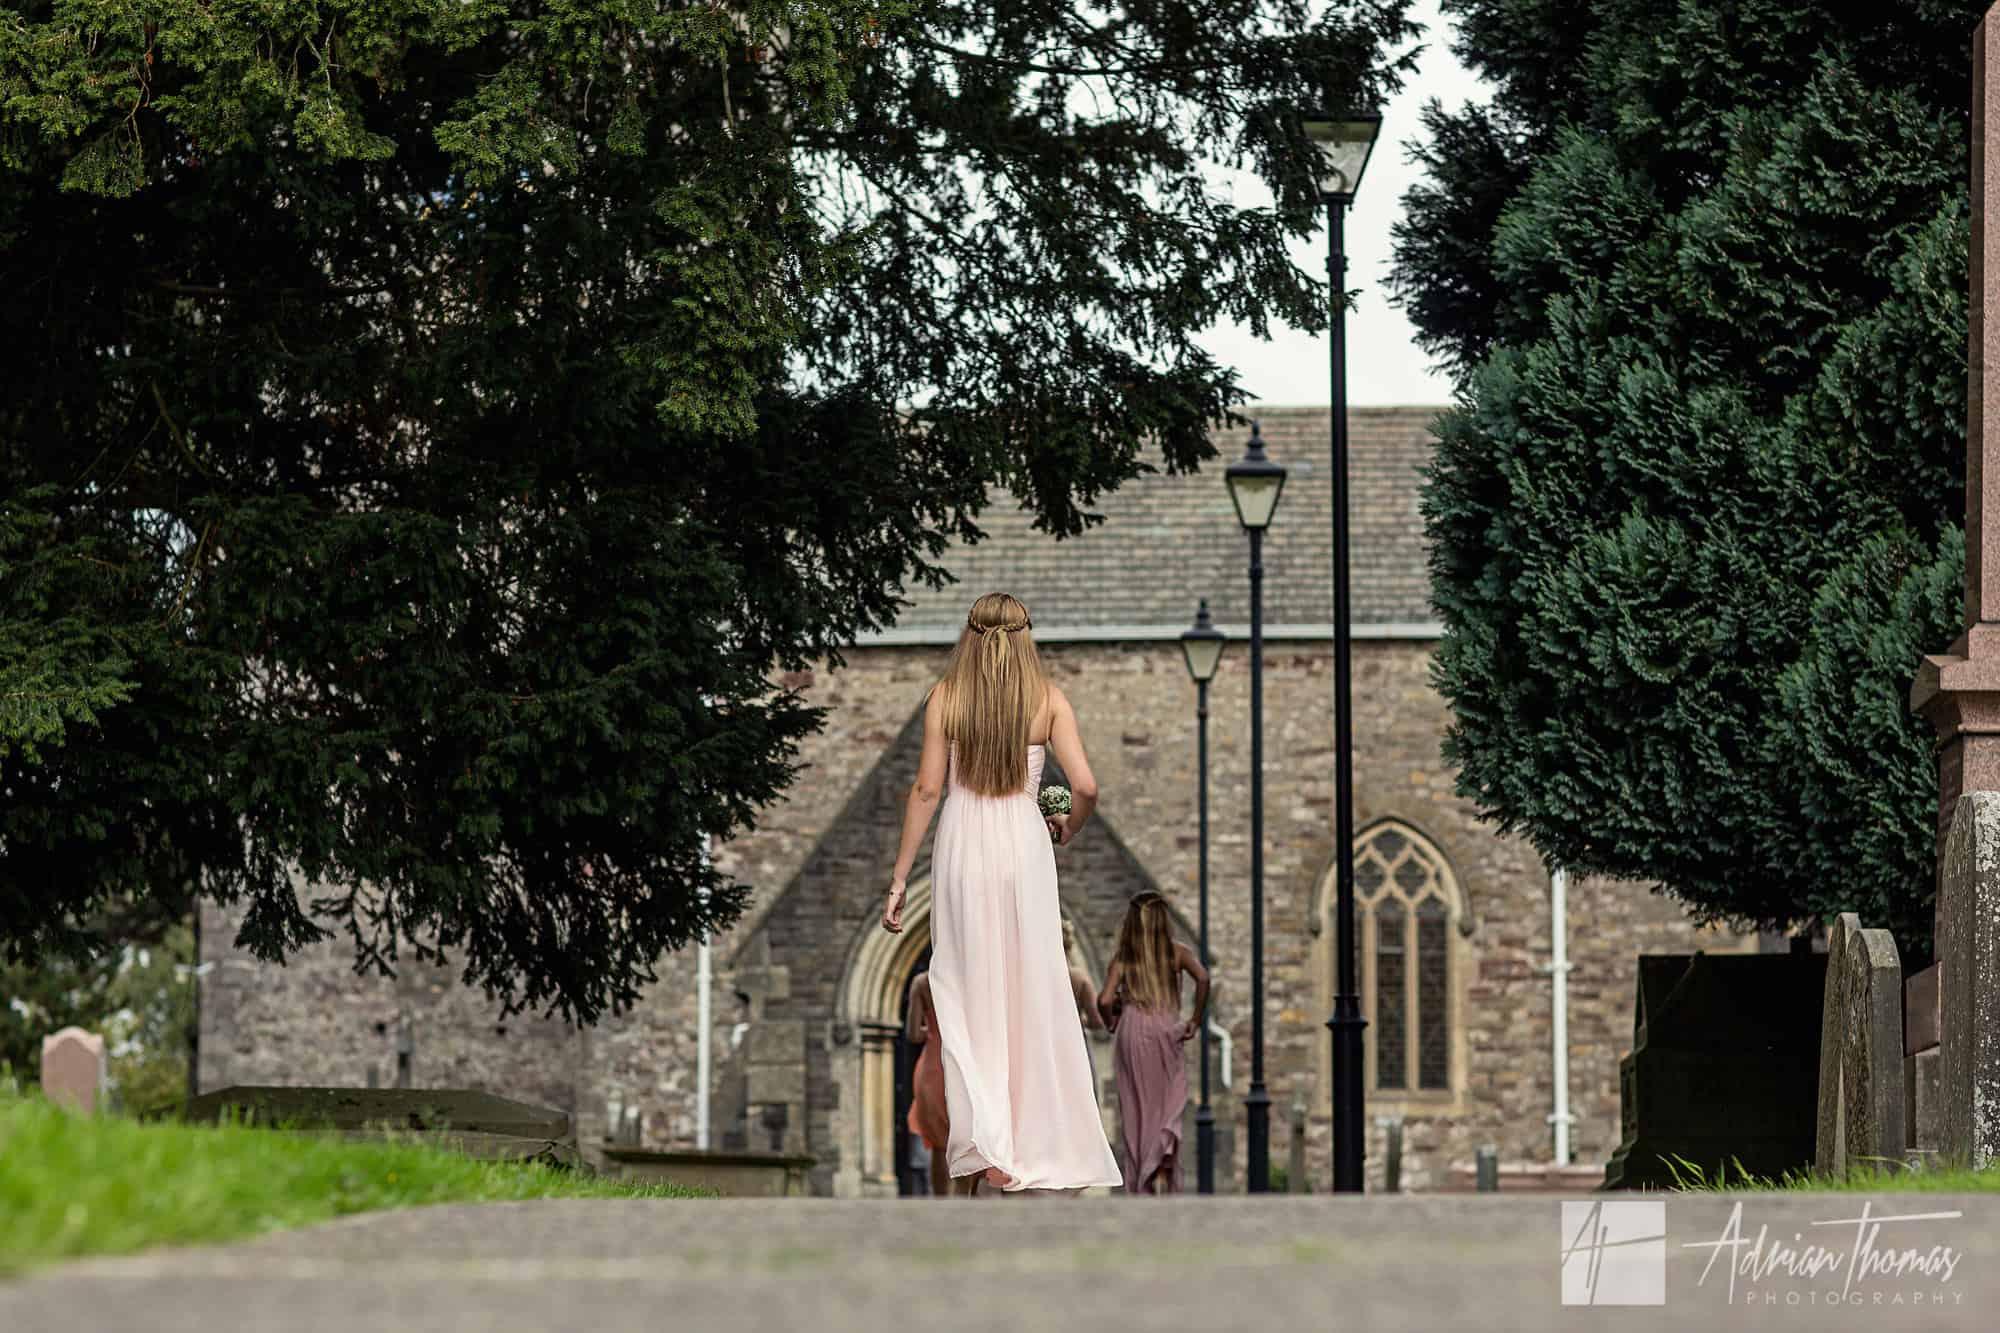 Bridesmaid walking down path at church.